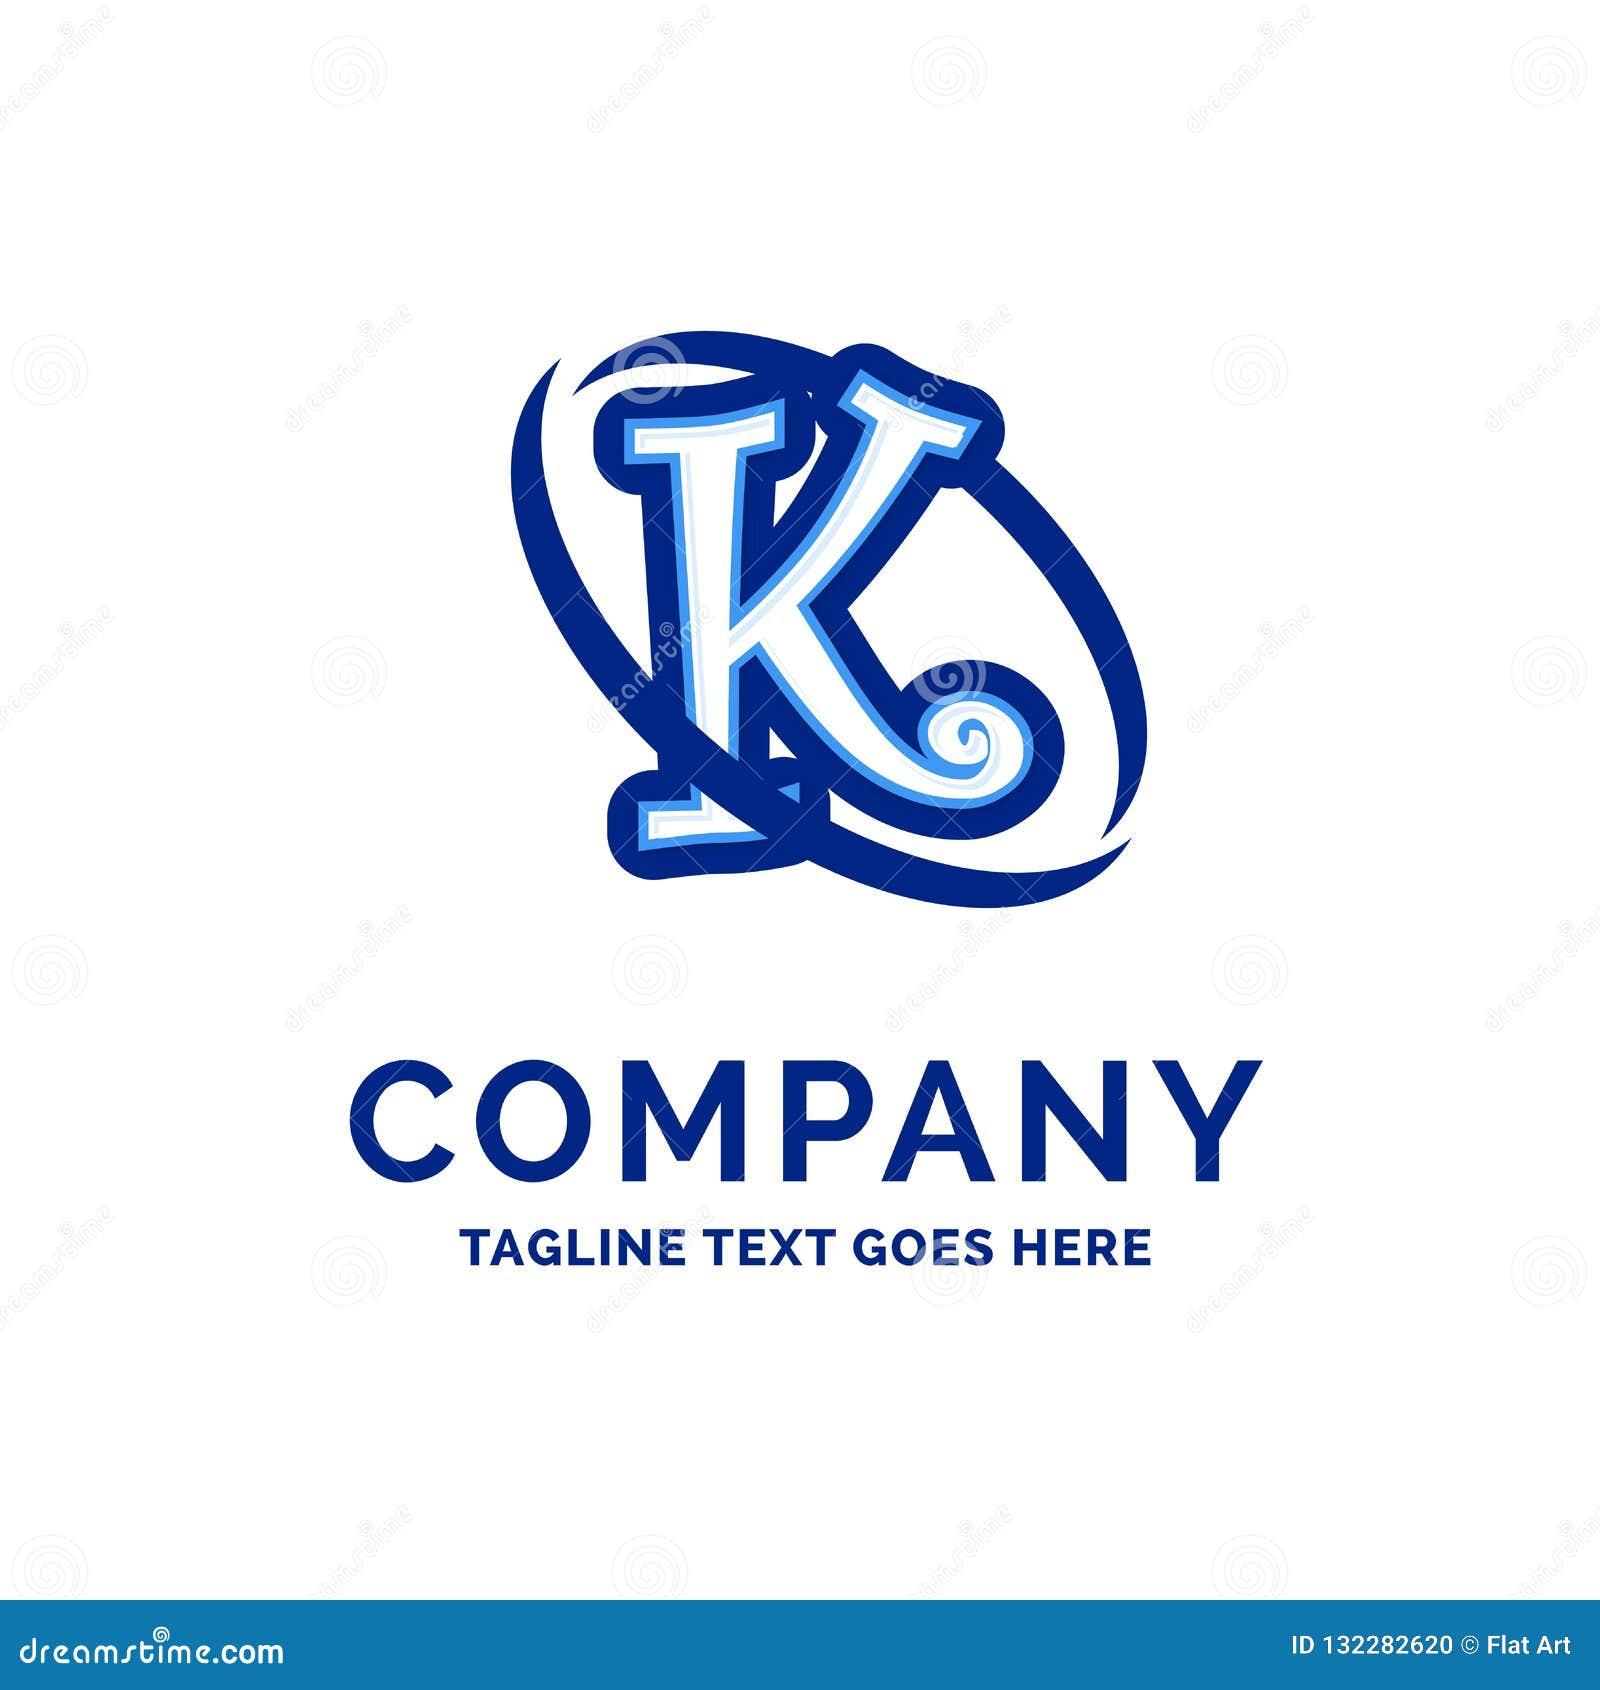 k Company Name Design Blue Logo Design